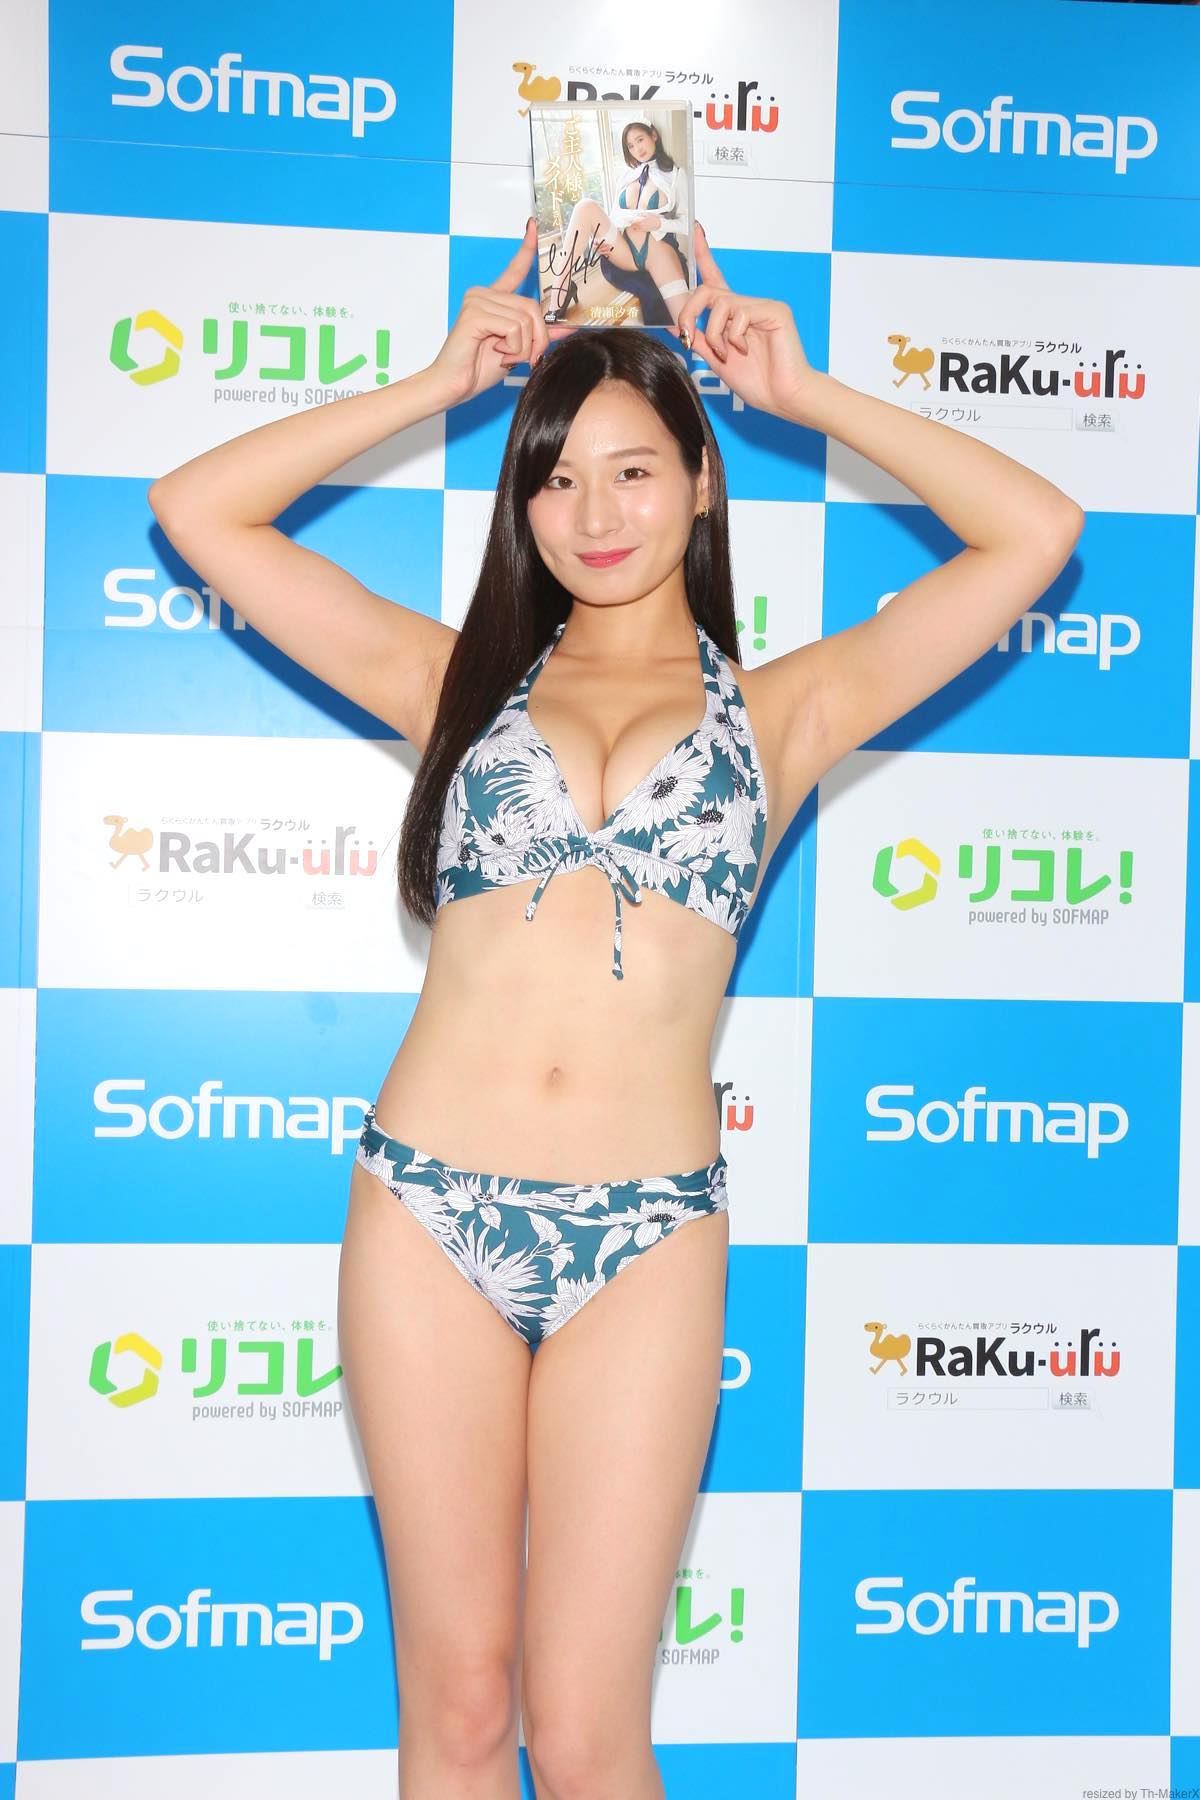 清瀬汐希「オフィスでY字の水着」露出度高くて恥ずかしい【画像48枚】の画像041